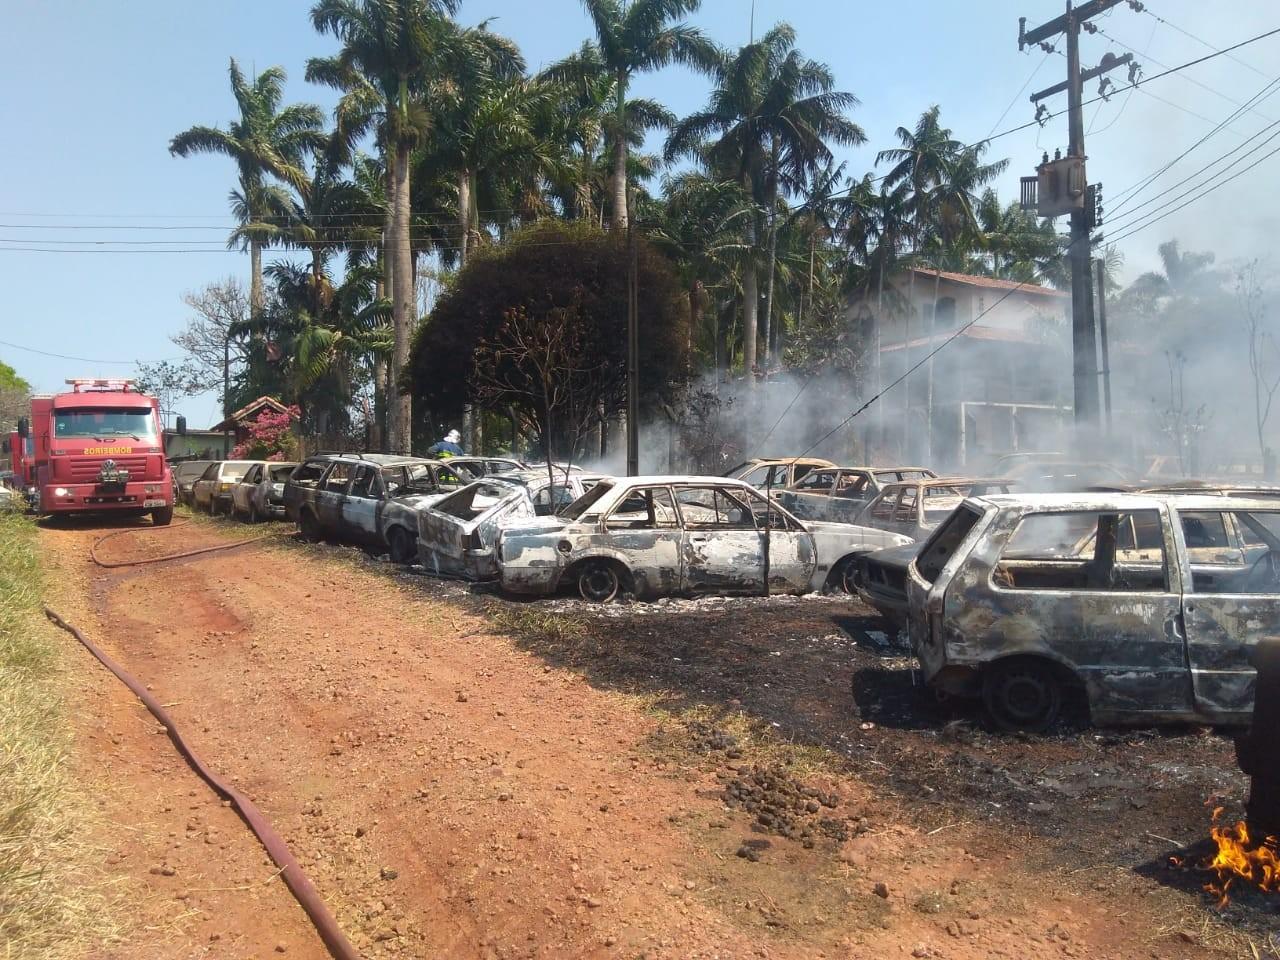 Incêndio em propriedade rural de Rolândia atinge carros usados e sucatas - Notícias - Plantão Diário